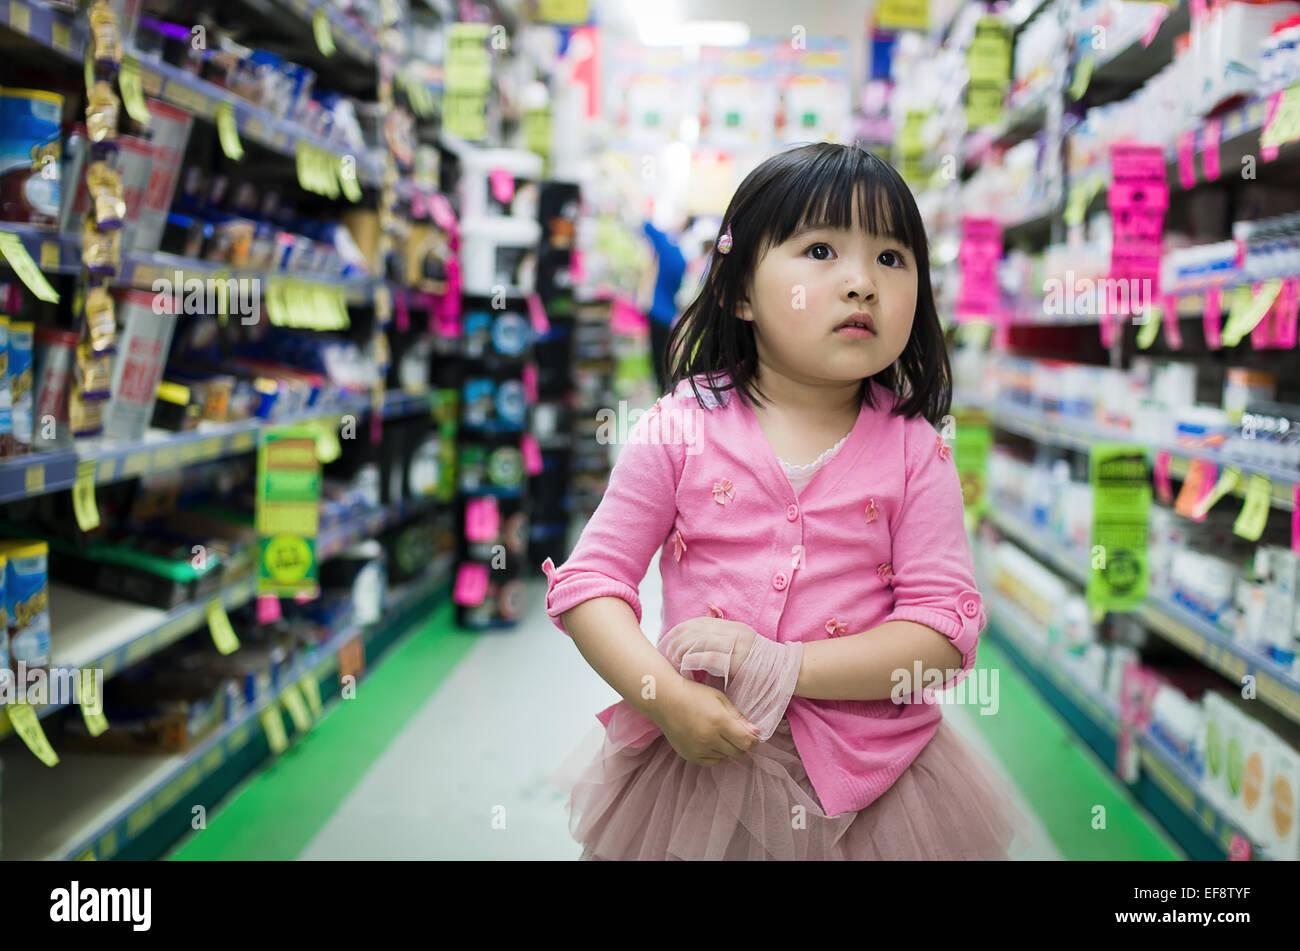 Vue avant de la petite fille qui marche seul entre étals de supermarché Photo Stock